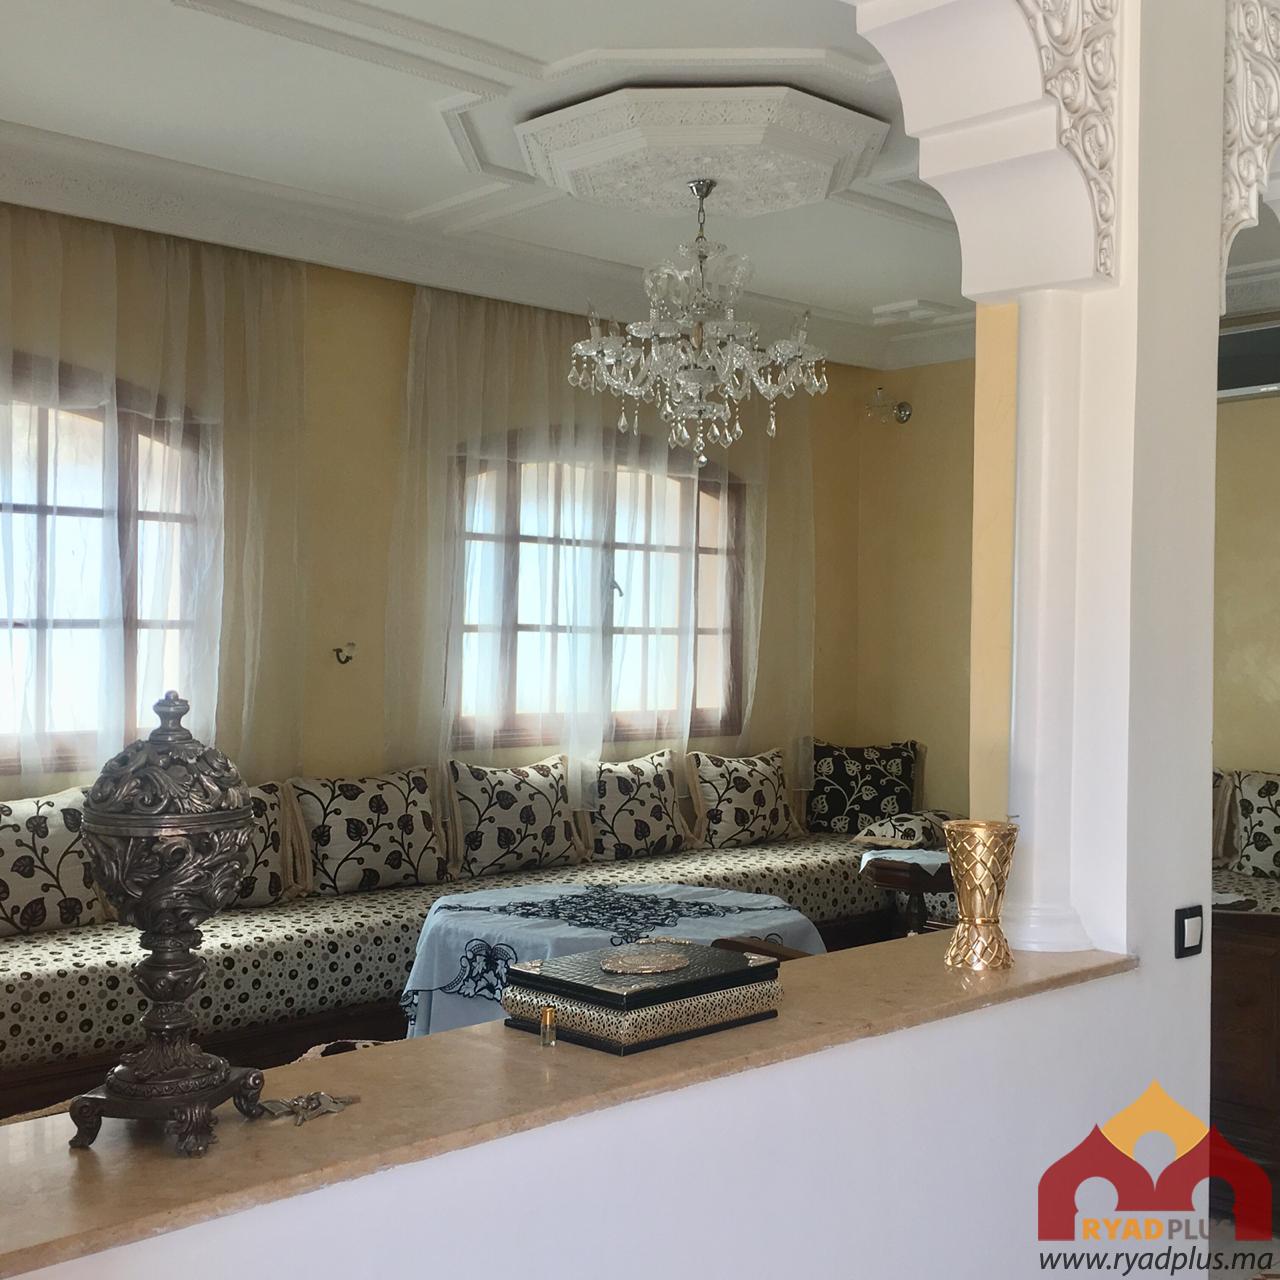 Vente <strong>Villa</strong> Marrakech Mabrouka <strong>340 m2</strong>